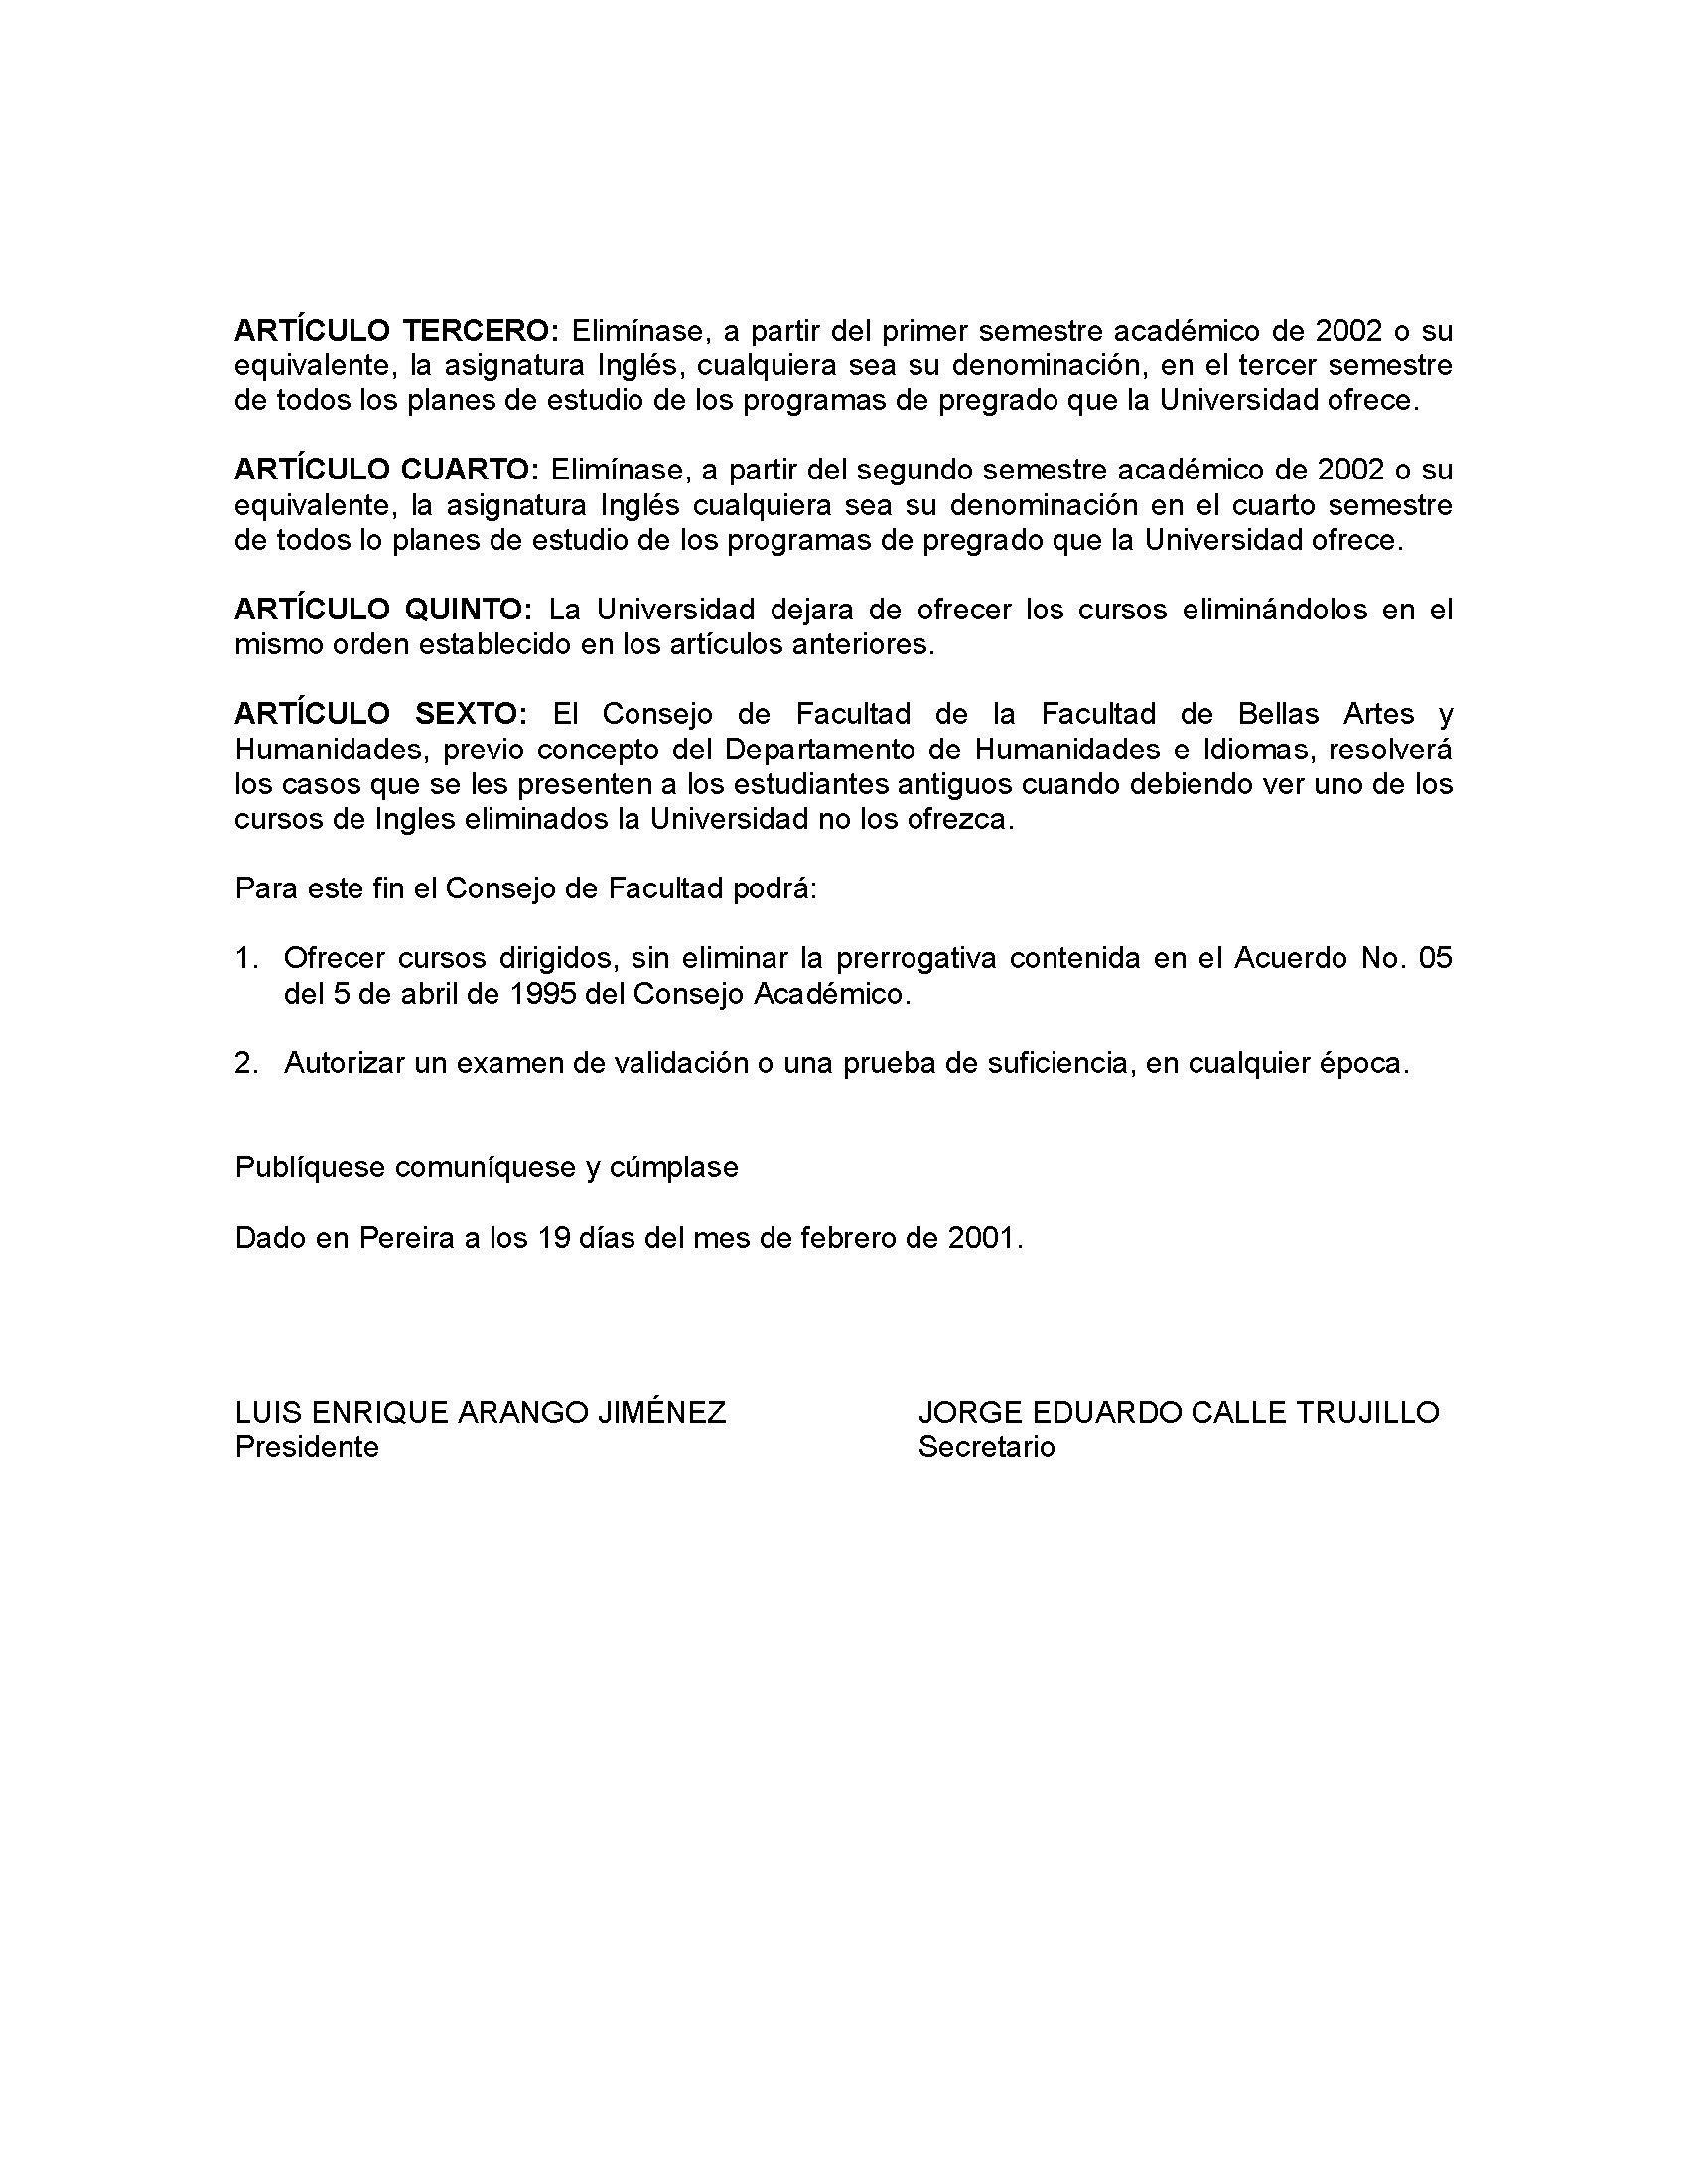 Famoso Director Ejecutivo Reanudar Inspiración - Colección De ...